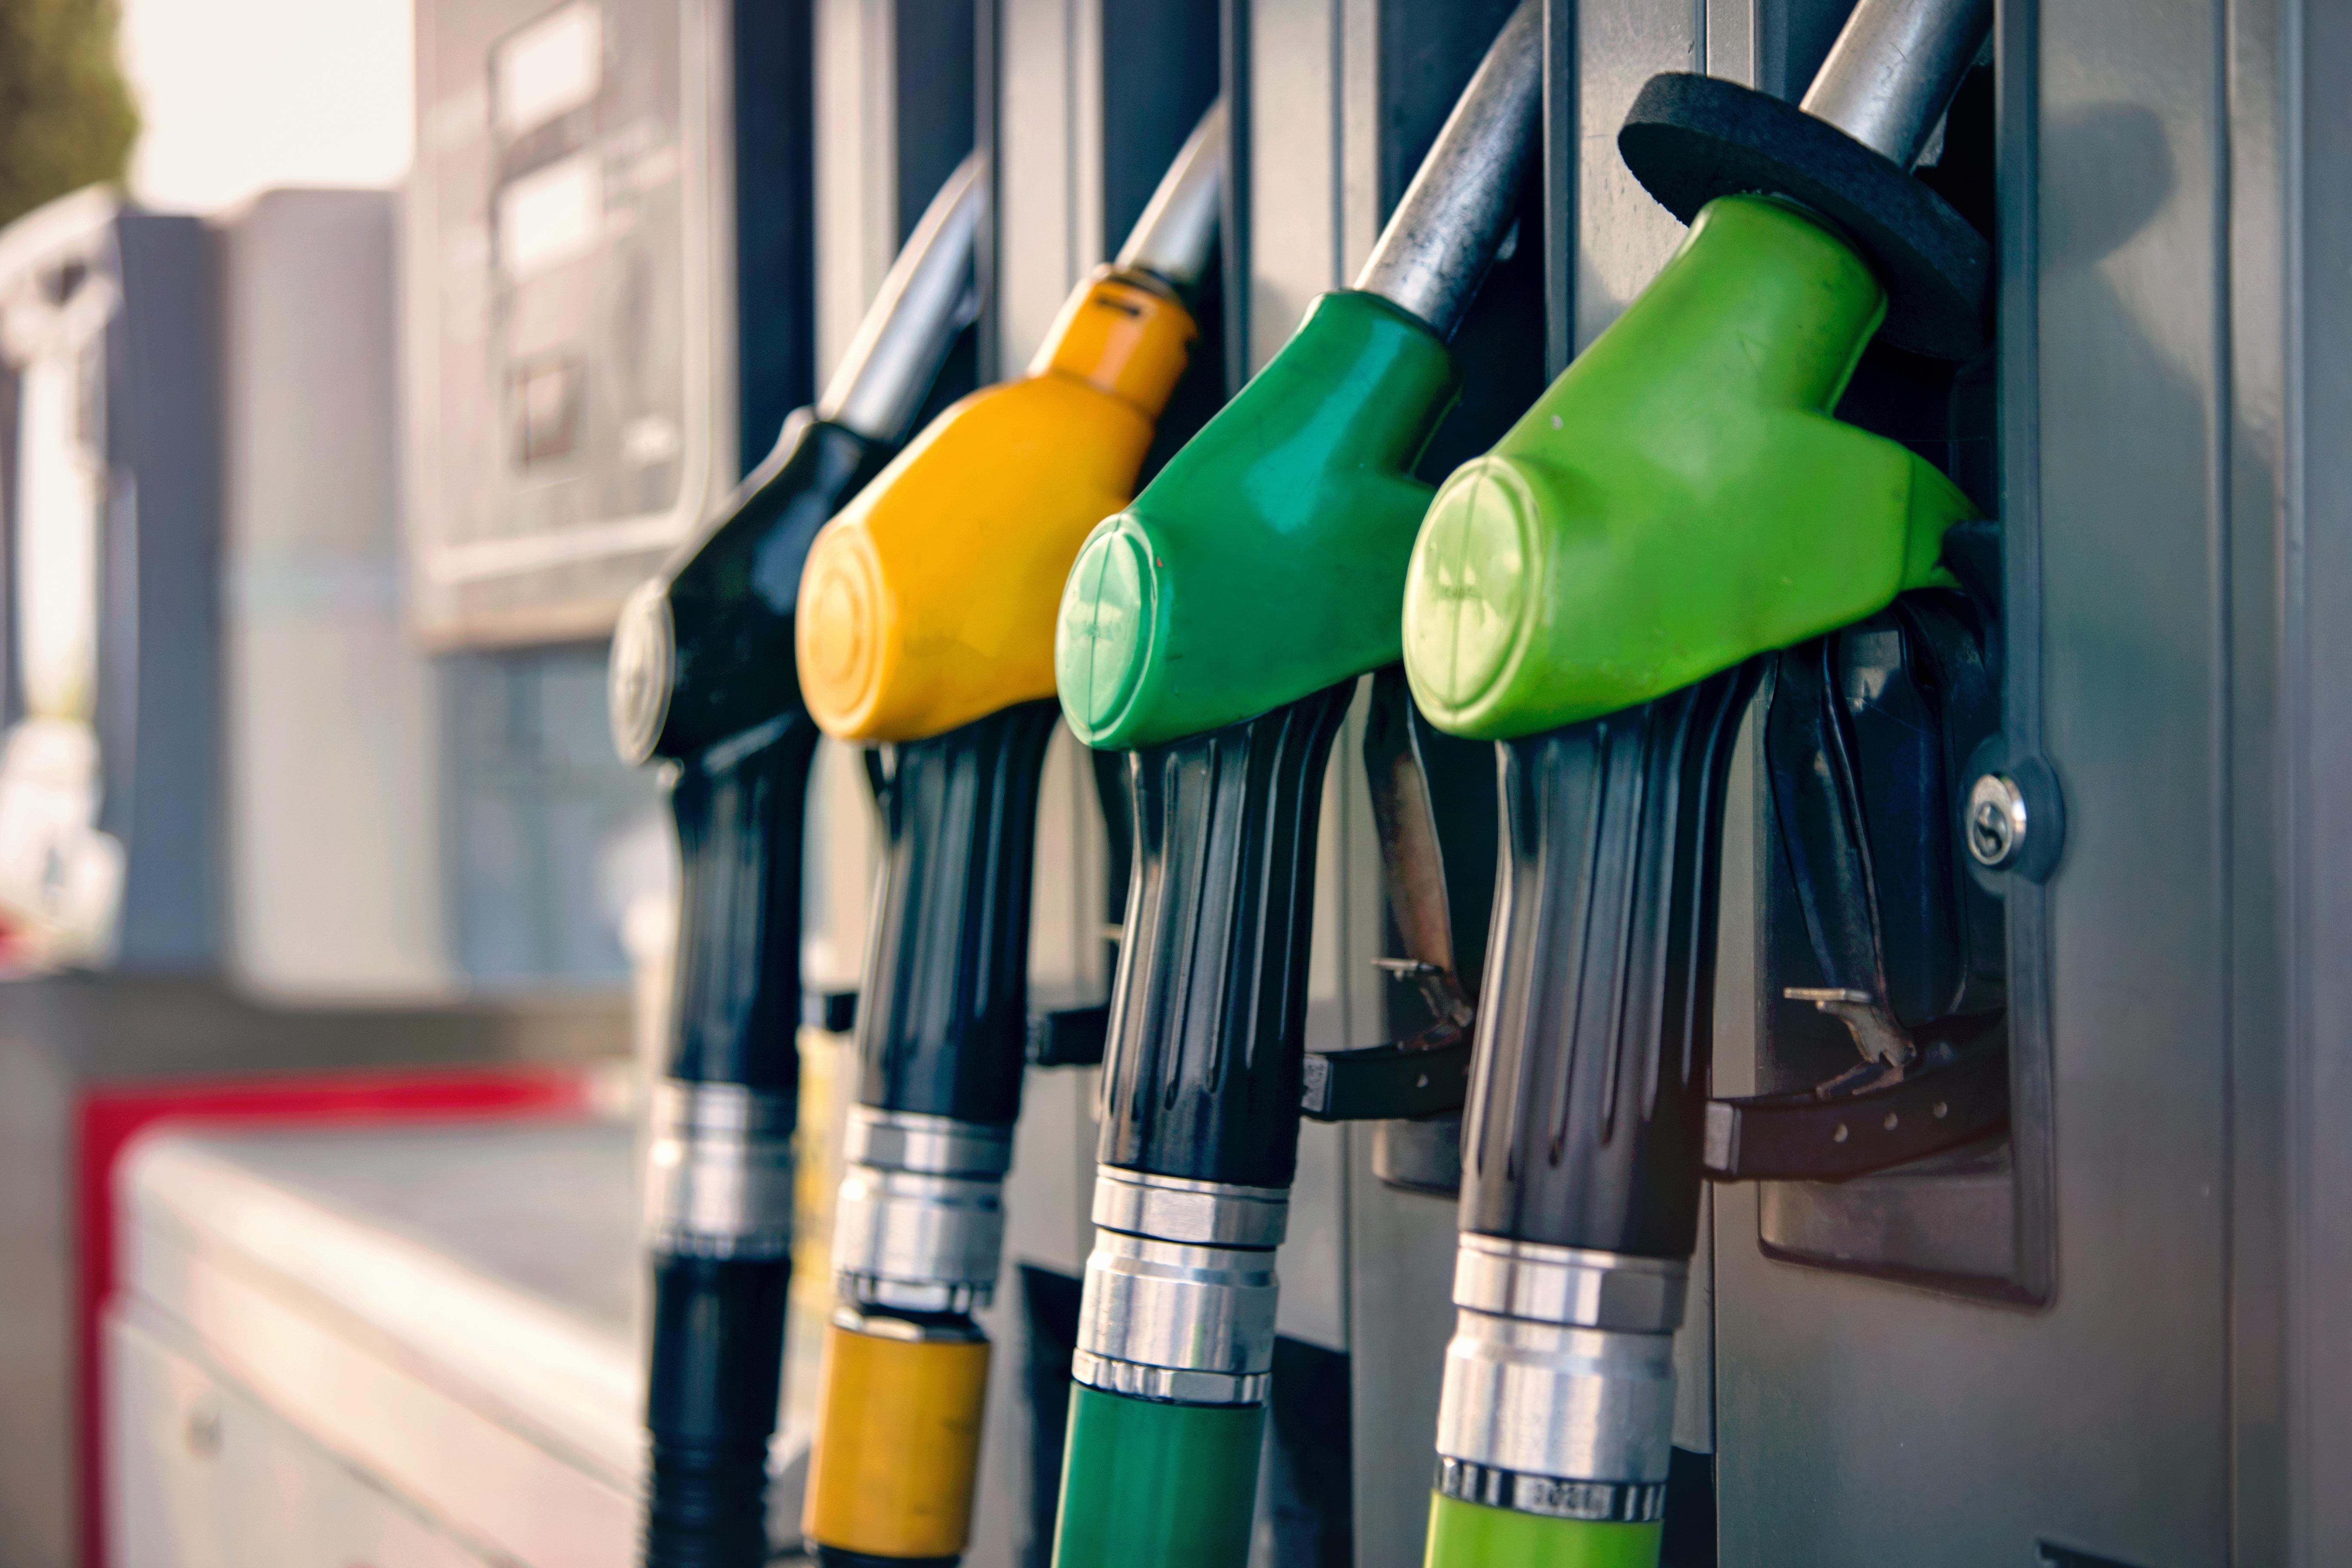 Pénurie de carburants à cause d'une grève des transporteurs, le ministre du Transport promet une réponse